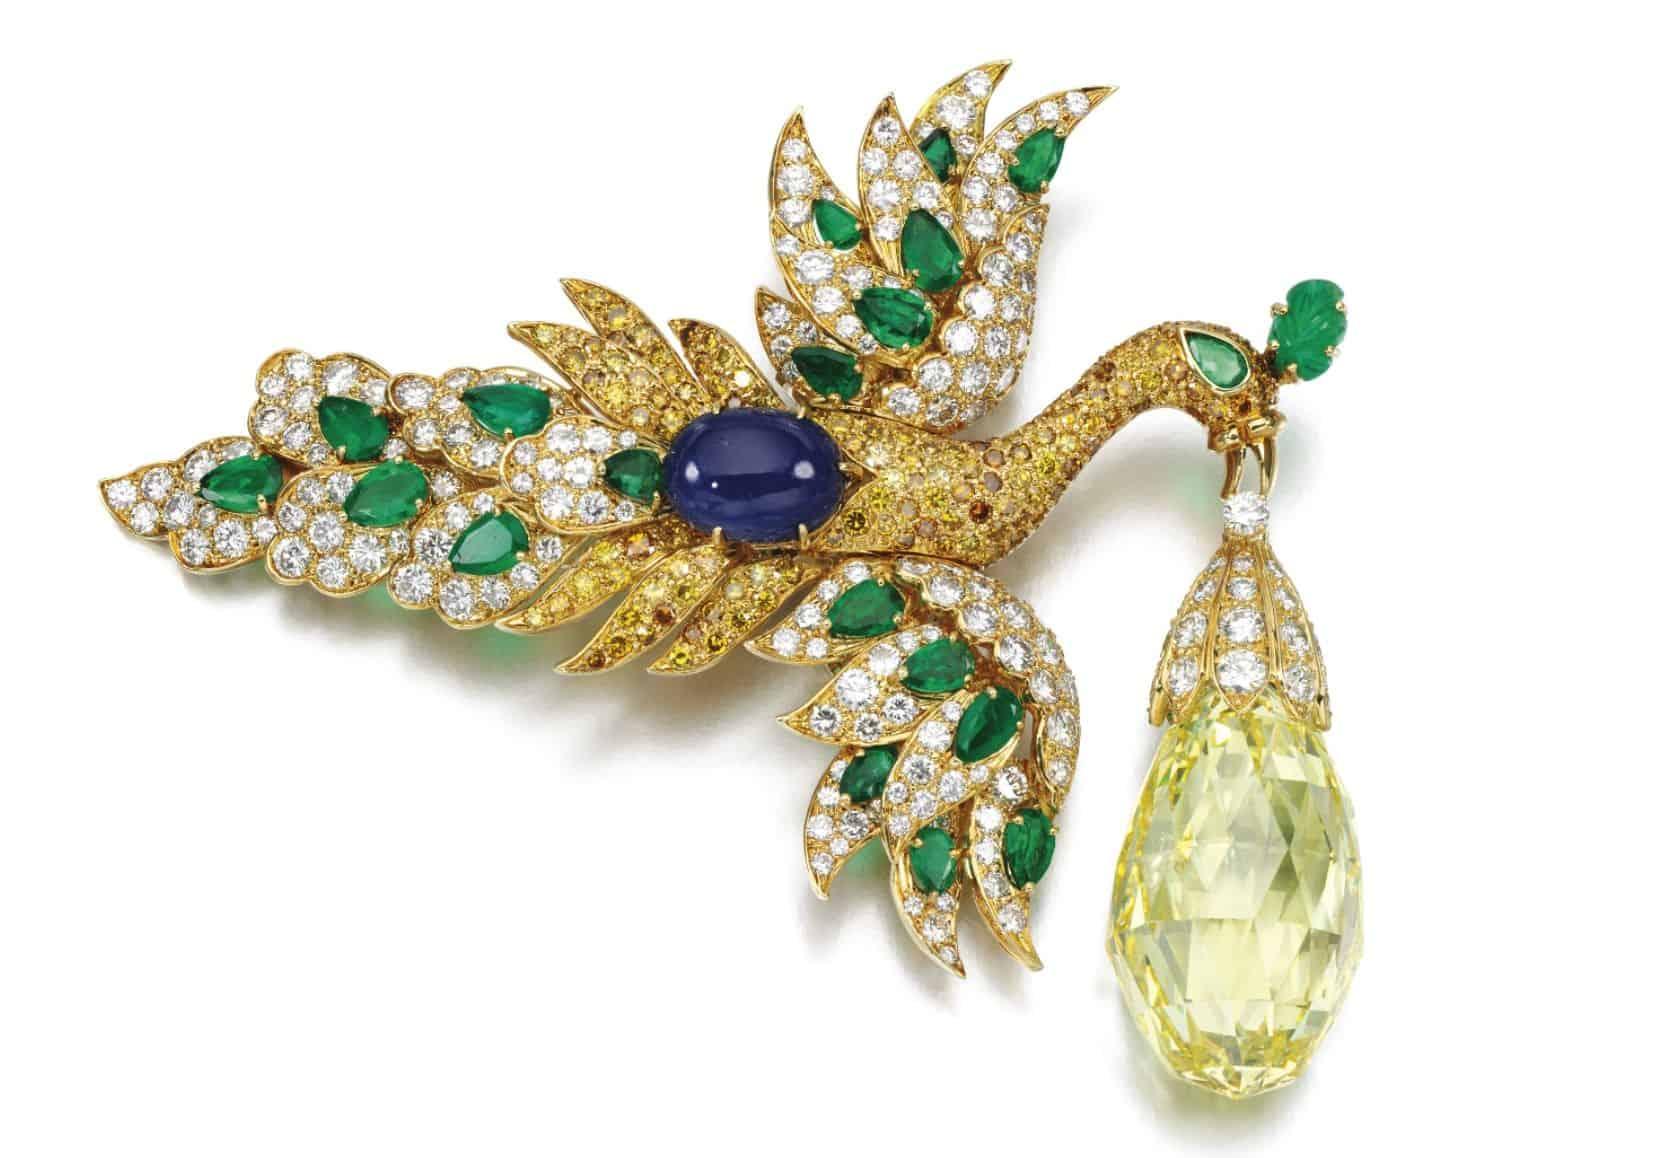 Madame Ganna Walska Diamond Brooch